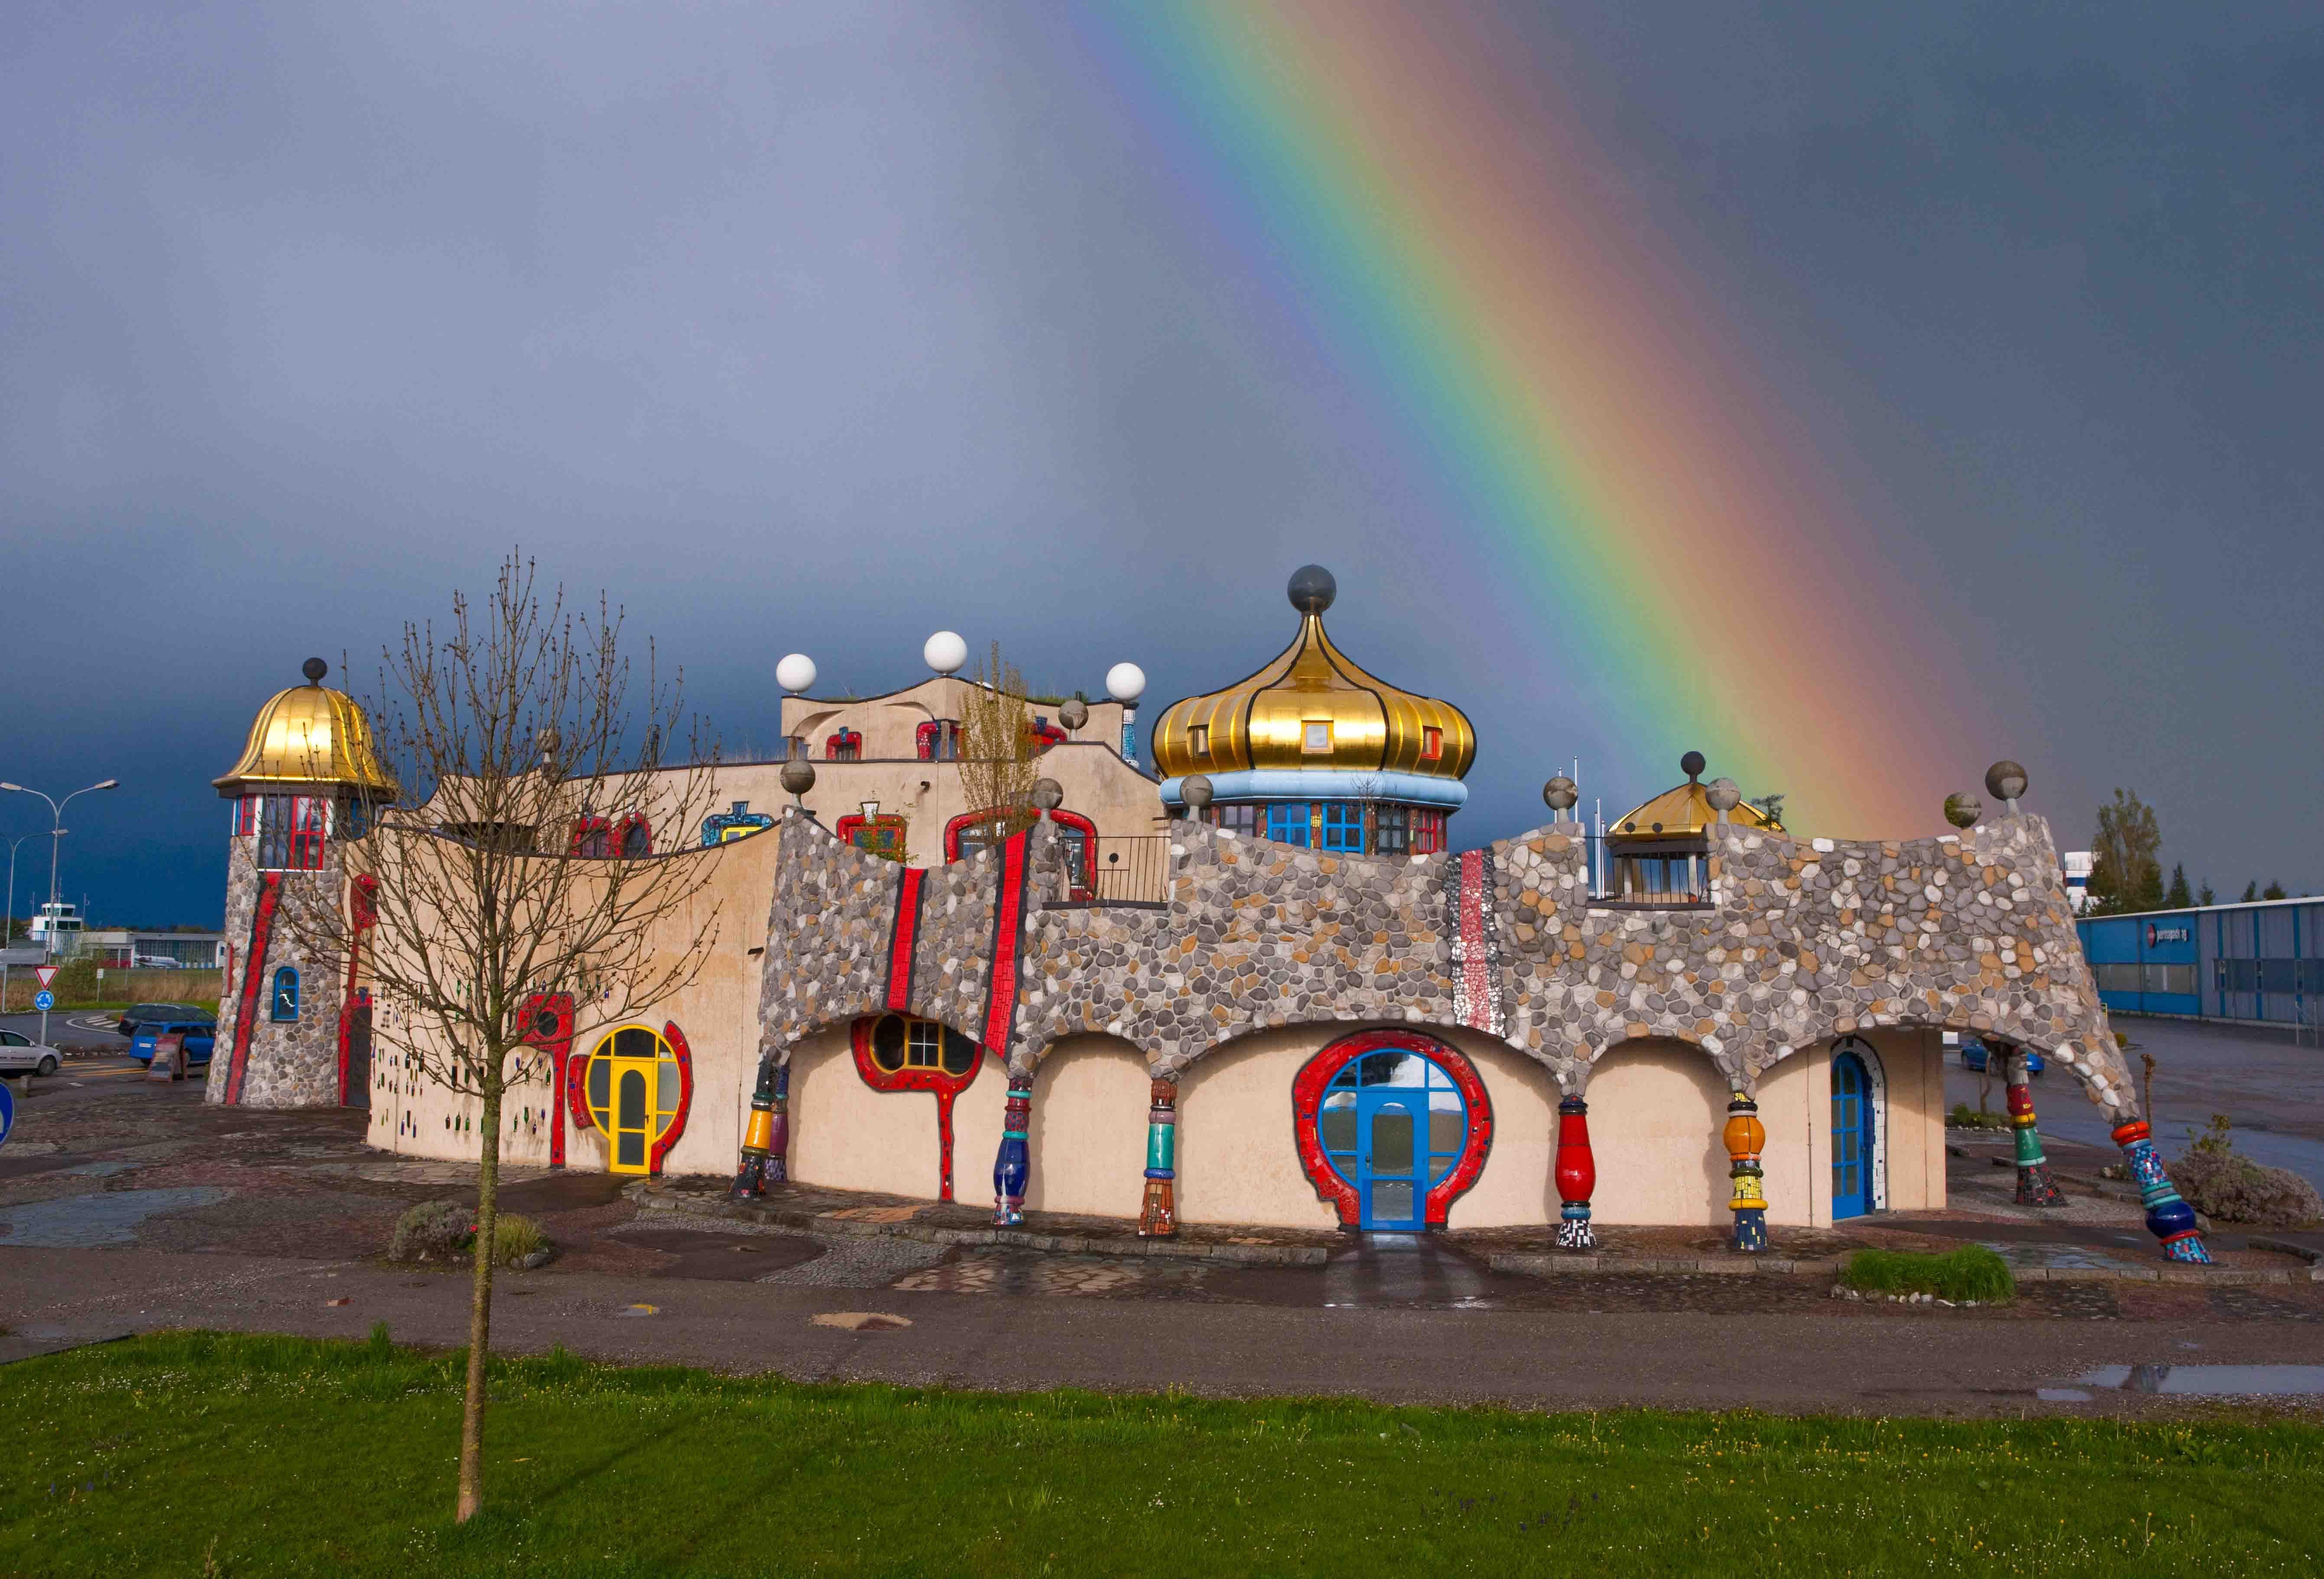 Die Martkhalle in Altenrhein, gestaltet von Hundertwasser.